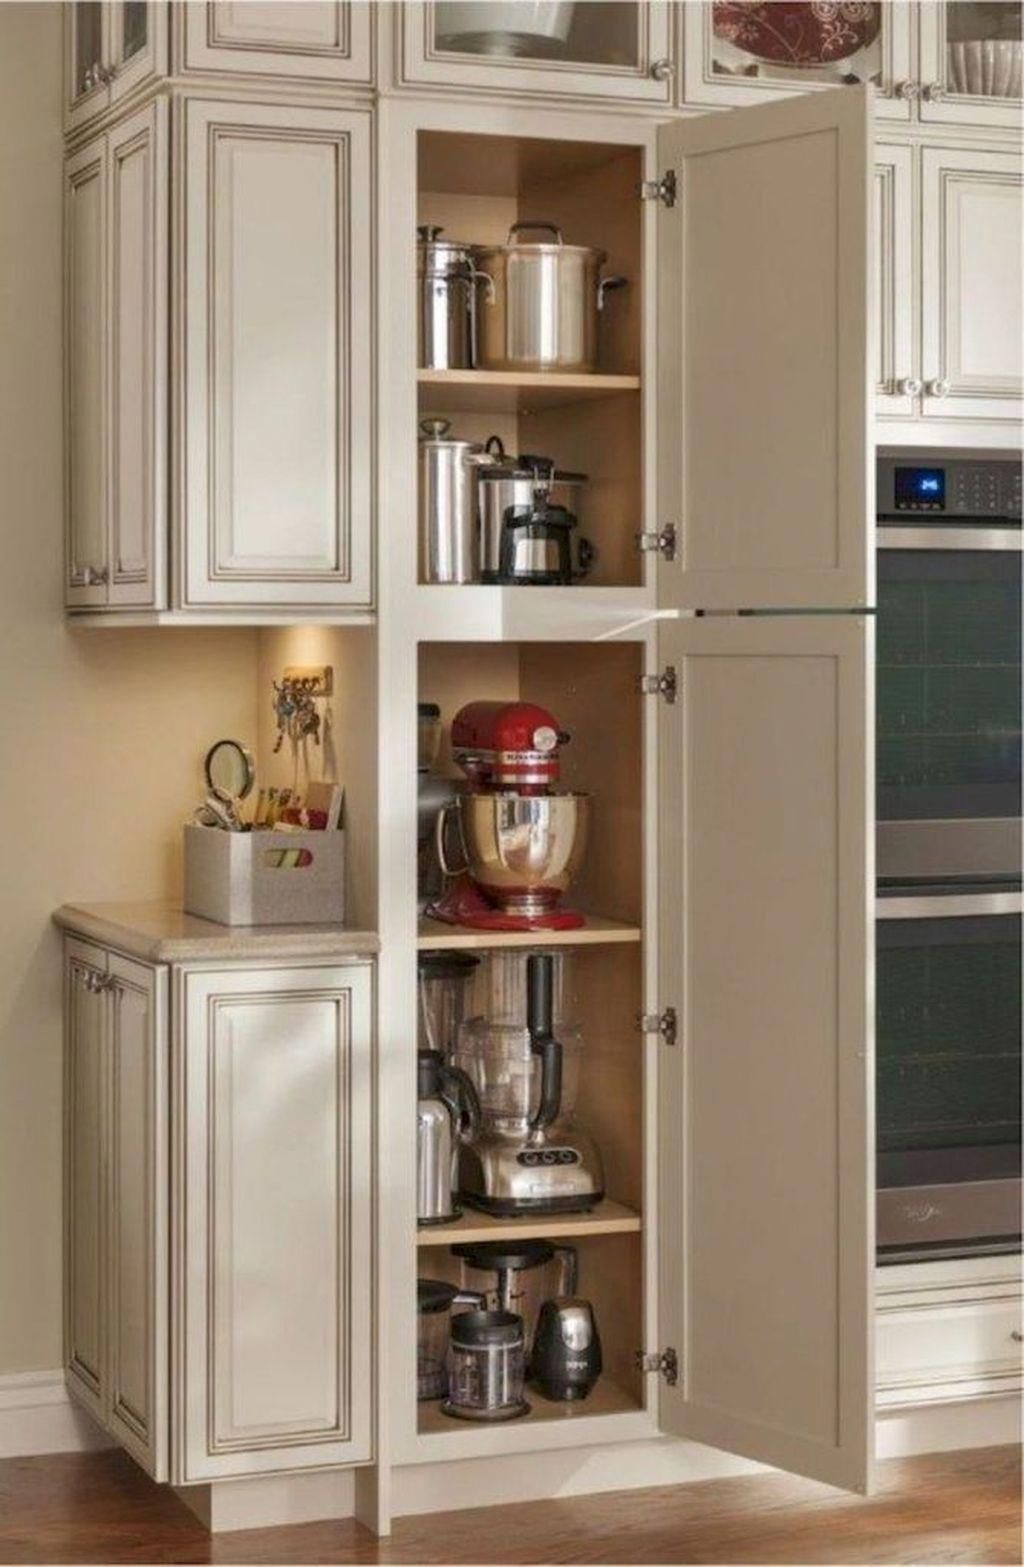 Küchenschränke in der garage pin by home decorating ideas on decorating kitchen in